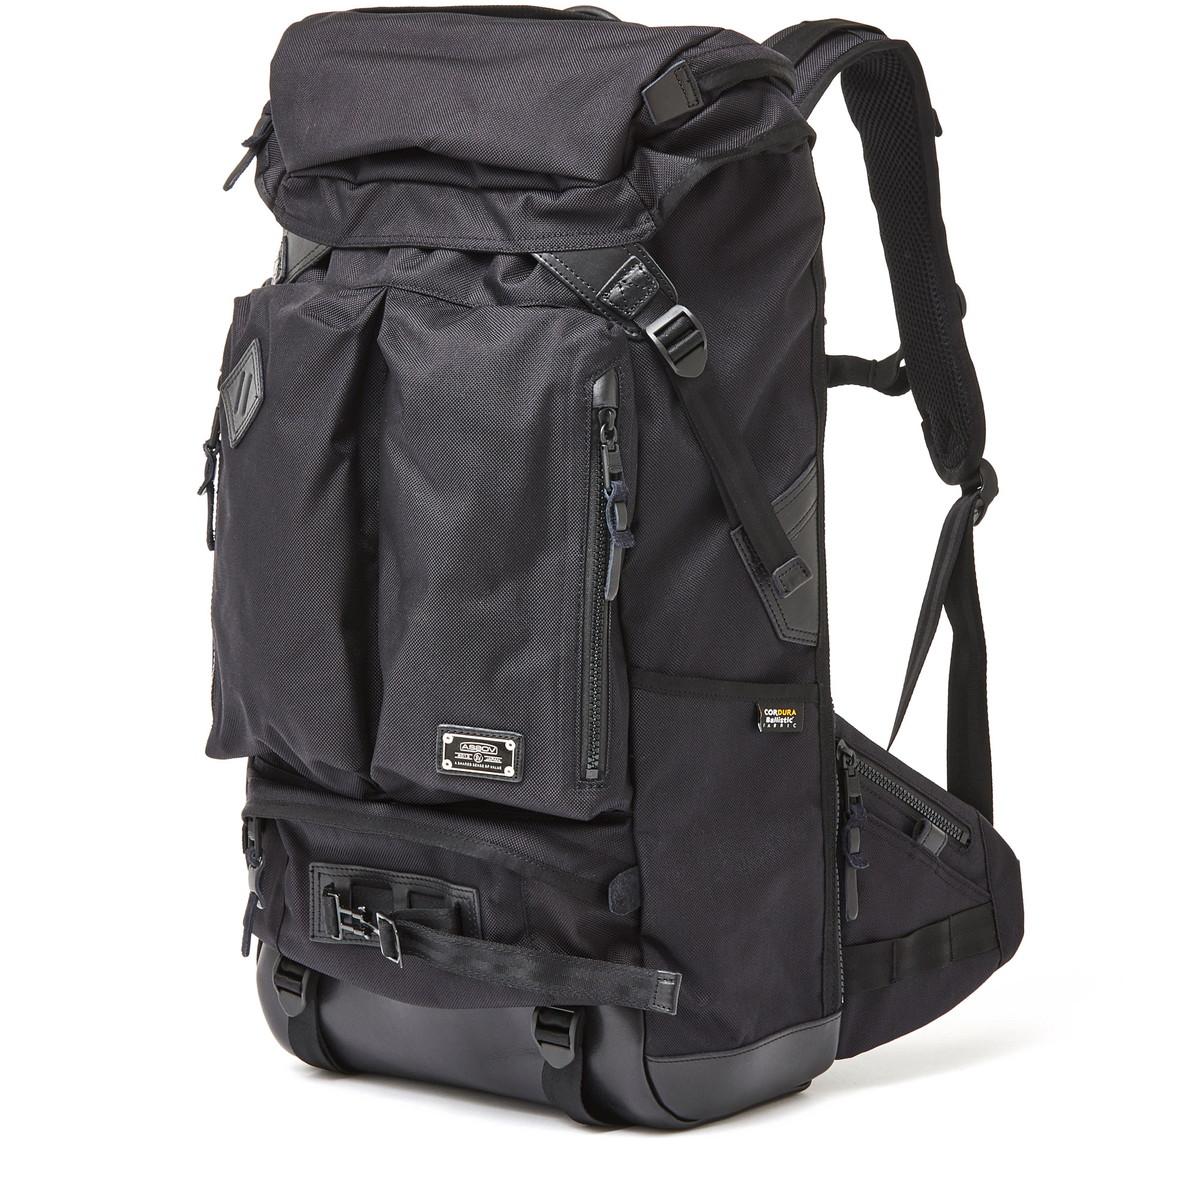 アッソブ公式通販 / AS2OV (アッソブ) バックパック リュックサック ビジネスバッグ アウトドアバッグ 旅行バッグEXCLUSIVE BALLISTIC NYLON 2POCKET BACK PACK 061307